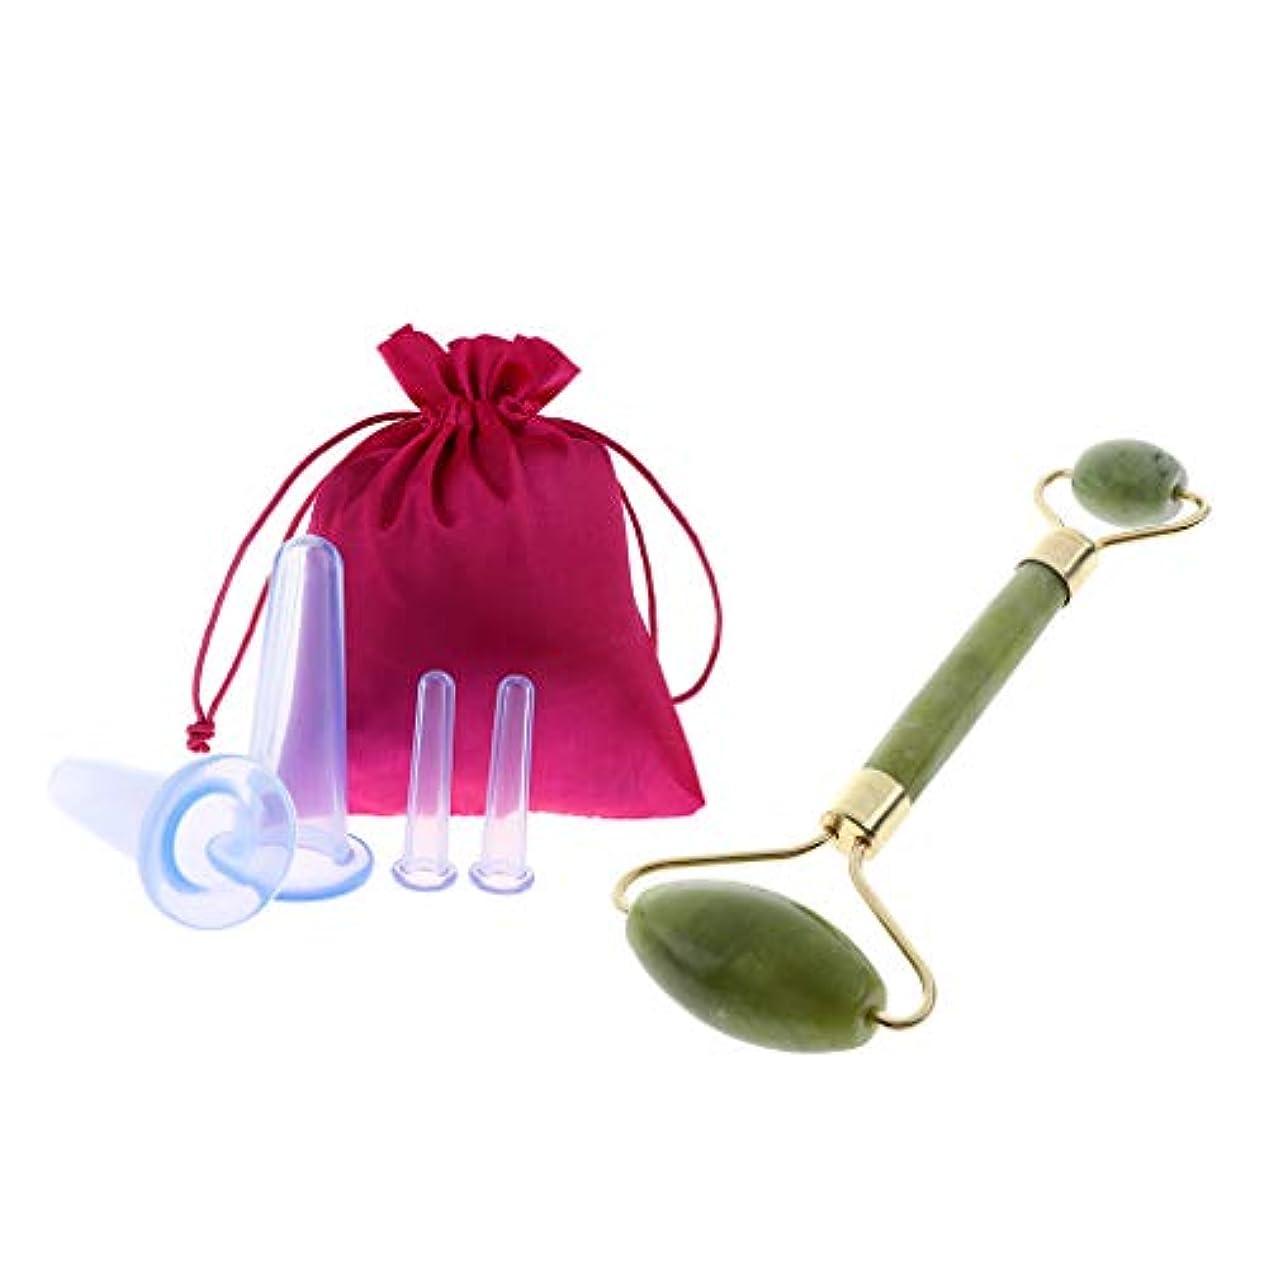 無意味権利を与える食品D DOLITY 美顔ローラー 携帯便利 小型美顔器 マッサージ ビューティーローラー 収納袋 シリコーン抗セルライト